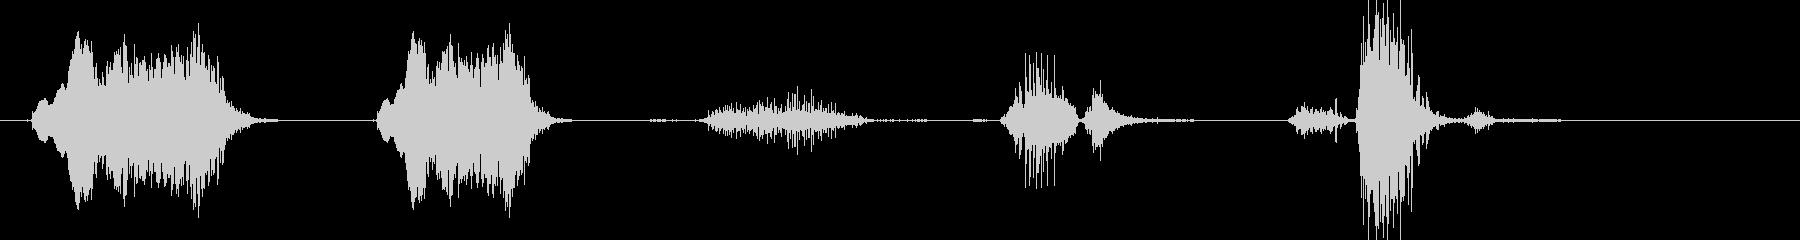 モンスターのうなり声とRo音の未再生の波形